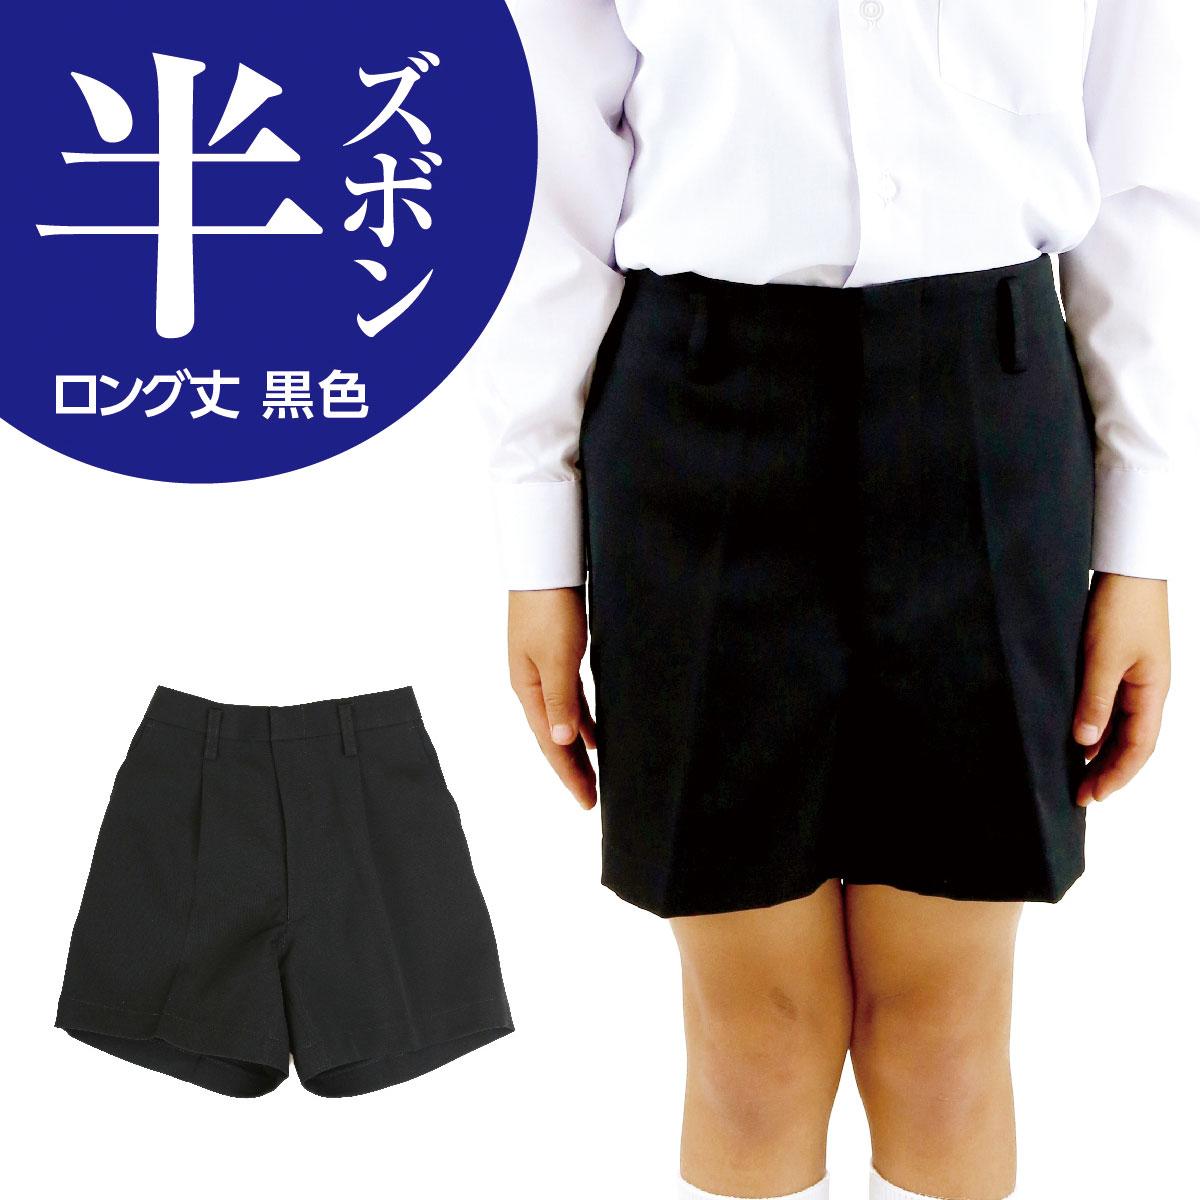 小学生 折襟用 半ズボン 冬 【黒 ロング丈】  制服 学生服  標準型 詰襟